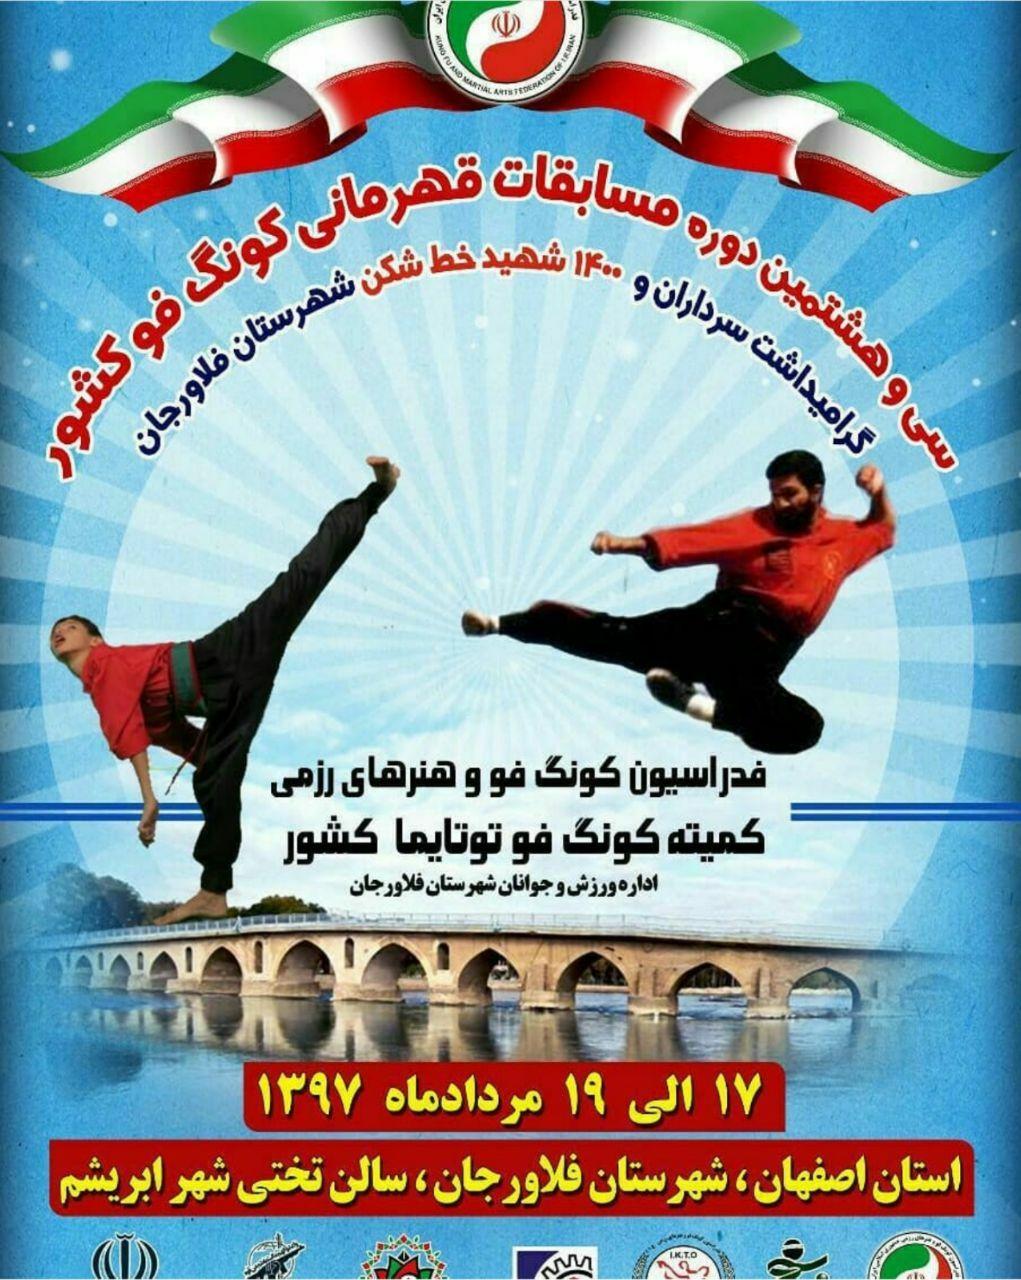 فیلم: افتتاحیه مسابقات کونگ فو قهرمانی کشور در شهرستان فلاورجان